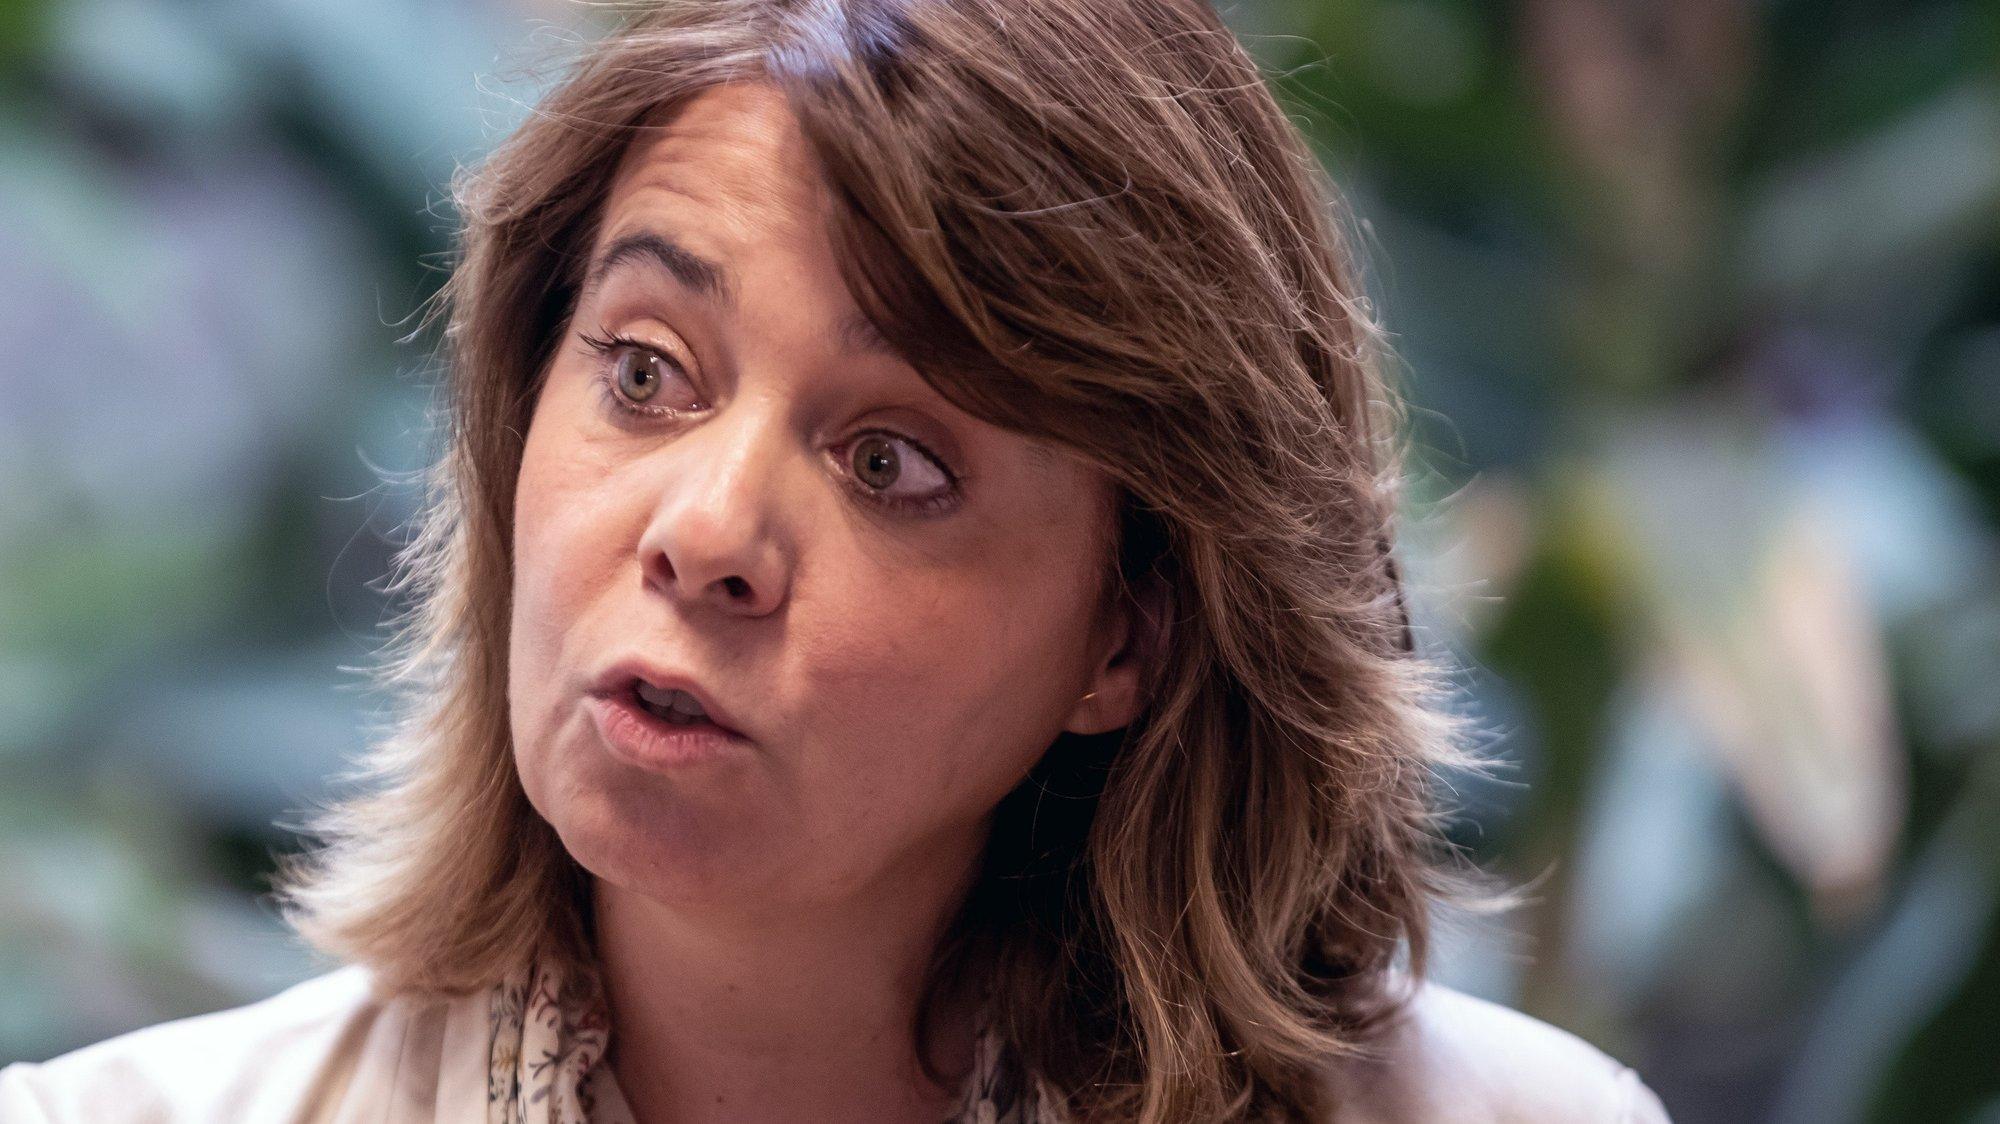 A coordenadora do Bloco de Esquerda (BE), Catarina Martins, presta declarações à imprensa após uma visita à primeira sala fixa de consumo assistido de drogas em Portugal, inaugurada este ano pela vereação do Bloco de Esquerda, na zona do Casal Ventoso, em Lisboa, 22 de julho de 2021. JOSÉ SENA GOULÃO/LUSA